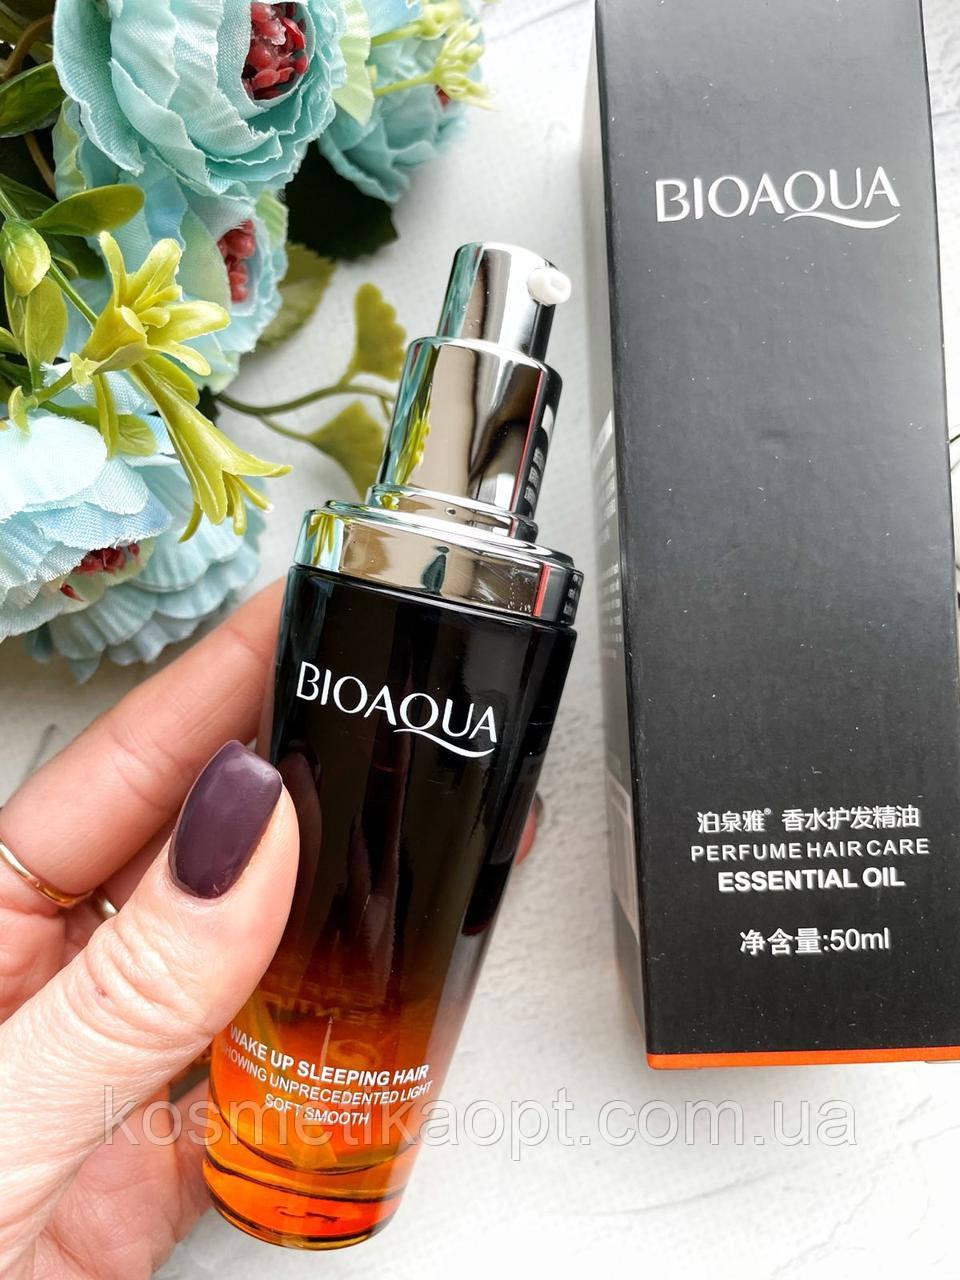 Сыворотка для поврежденных волос Bioaqua - Make Up Sleeping Hair с лимоном 01